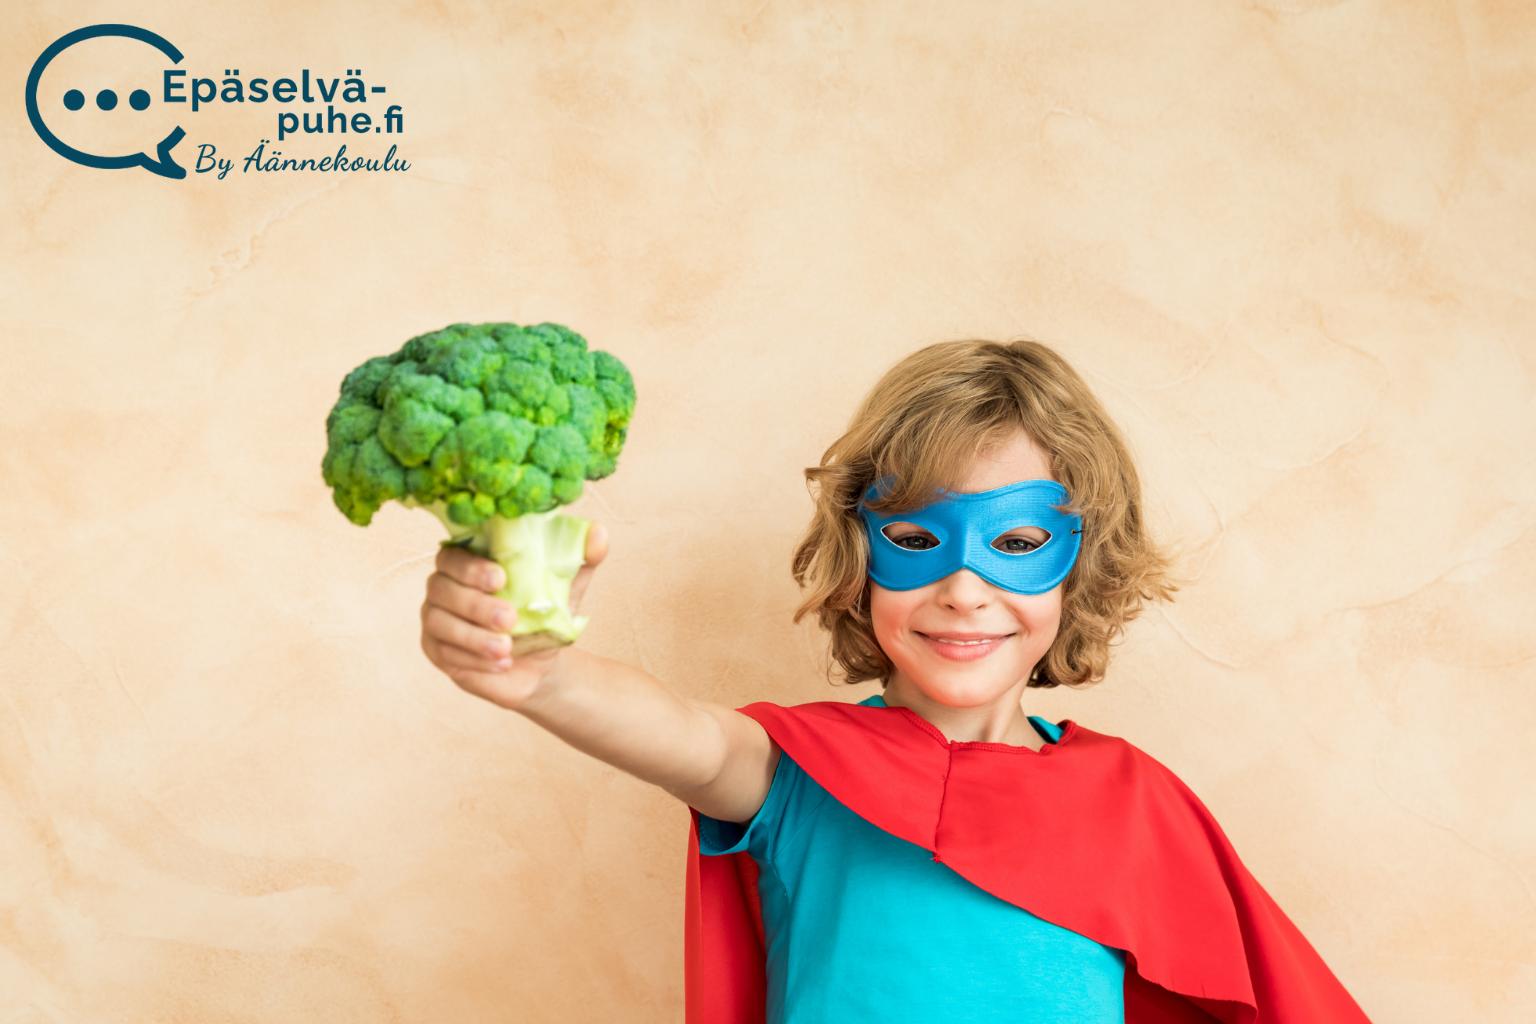 Lapsi pukeutunut supersankariksi ja pitelee parsakaalia kädessään